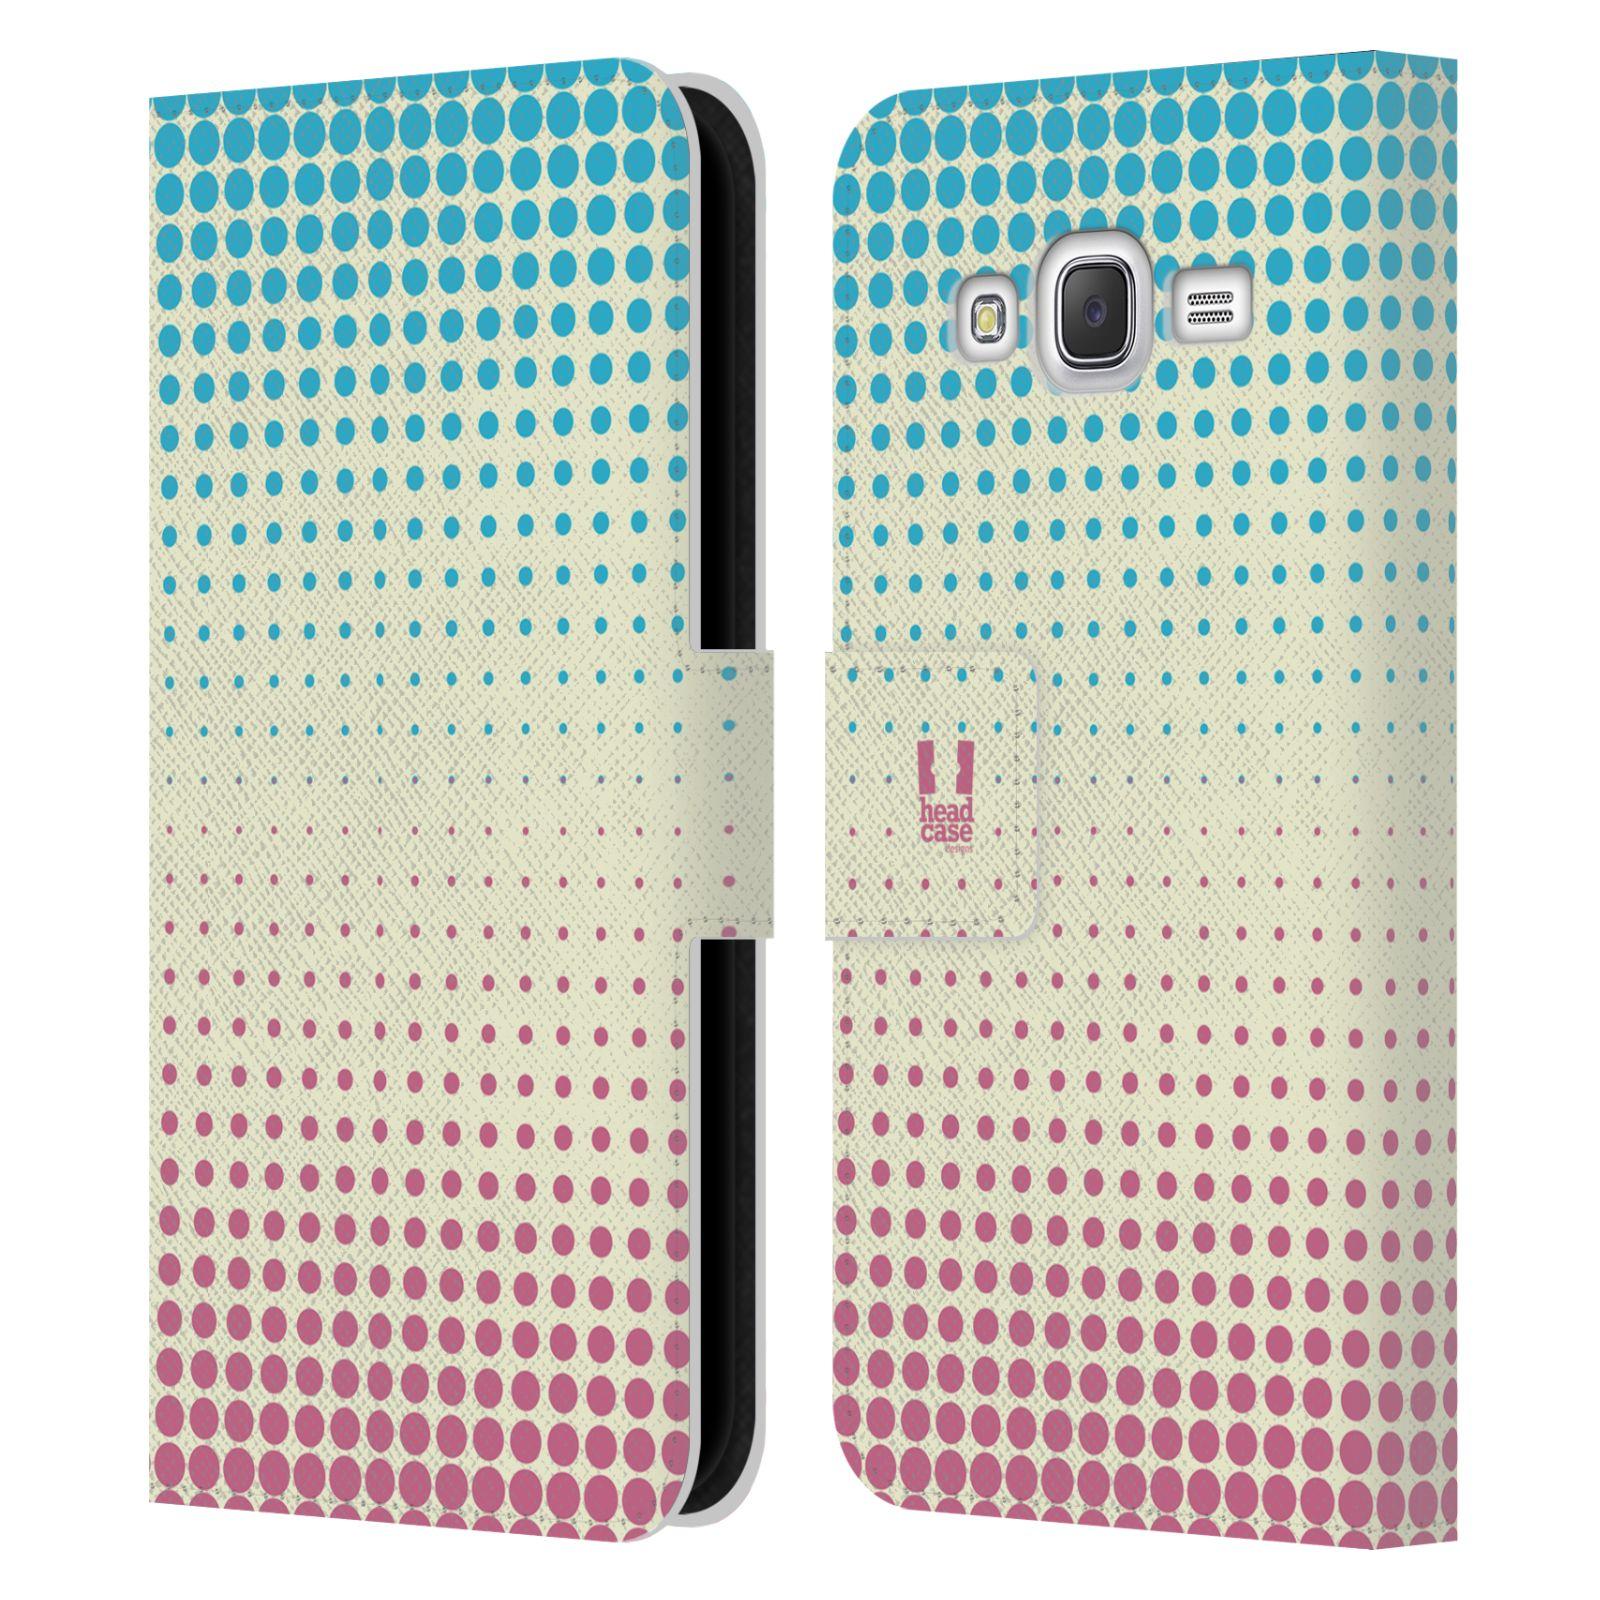 HEAD CASE Flipové pouzdro pro mobil Samsung Galaxy J5 (J500) / J5 DUOS prolínající se tečky modrá a růžová